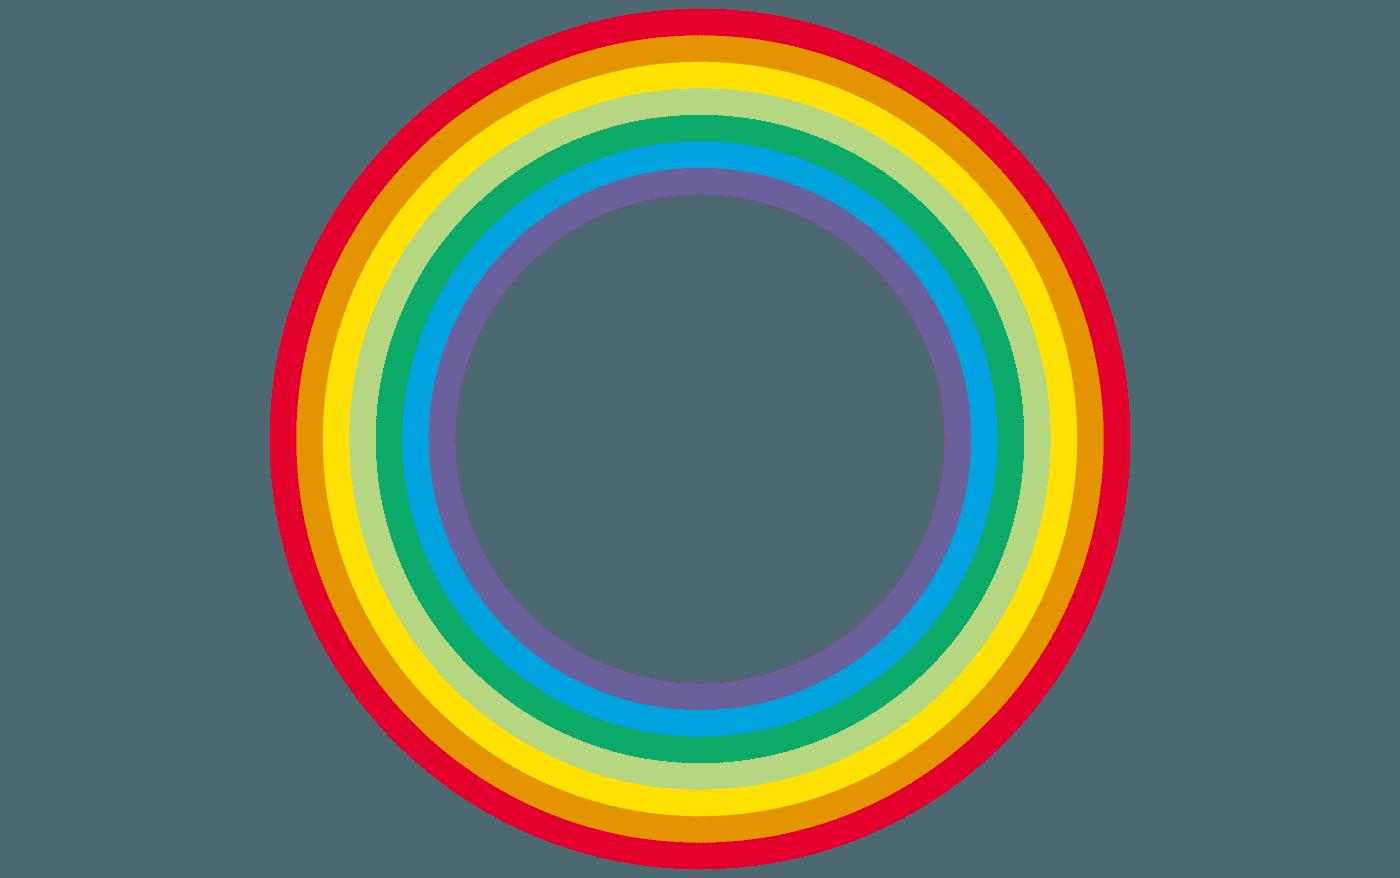 円状の虹イラスト